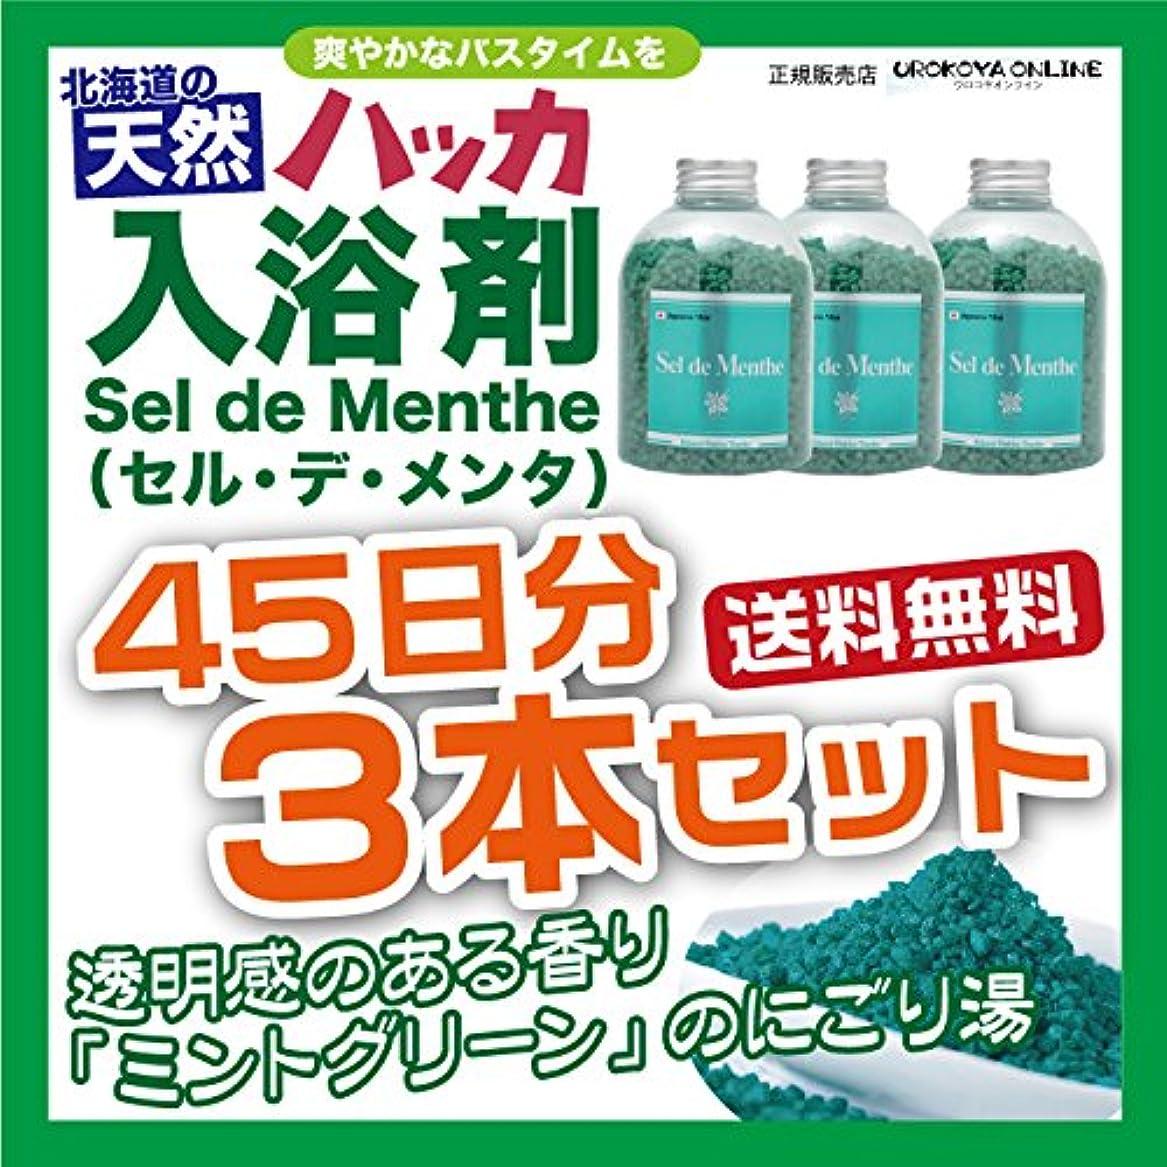 ずんぐりした福祉ほかに【3本セット】北見ハッカ通商 入浴剤Sel de Menthe(セル?デ?メンタ)徳用ボトル 3本セット 1350g